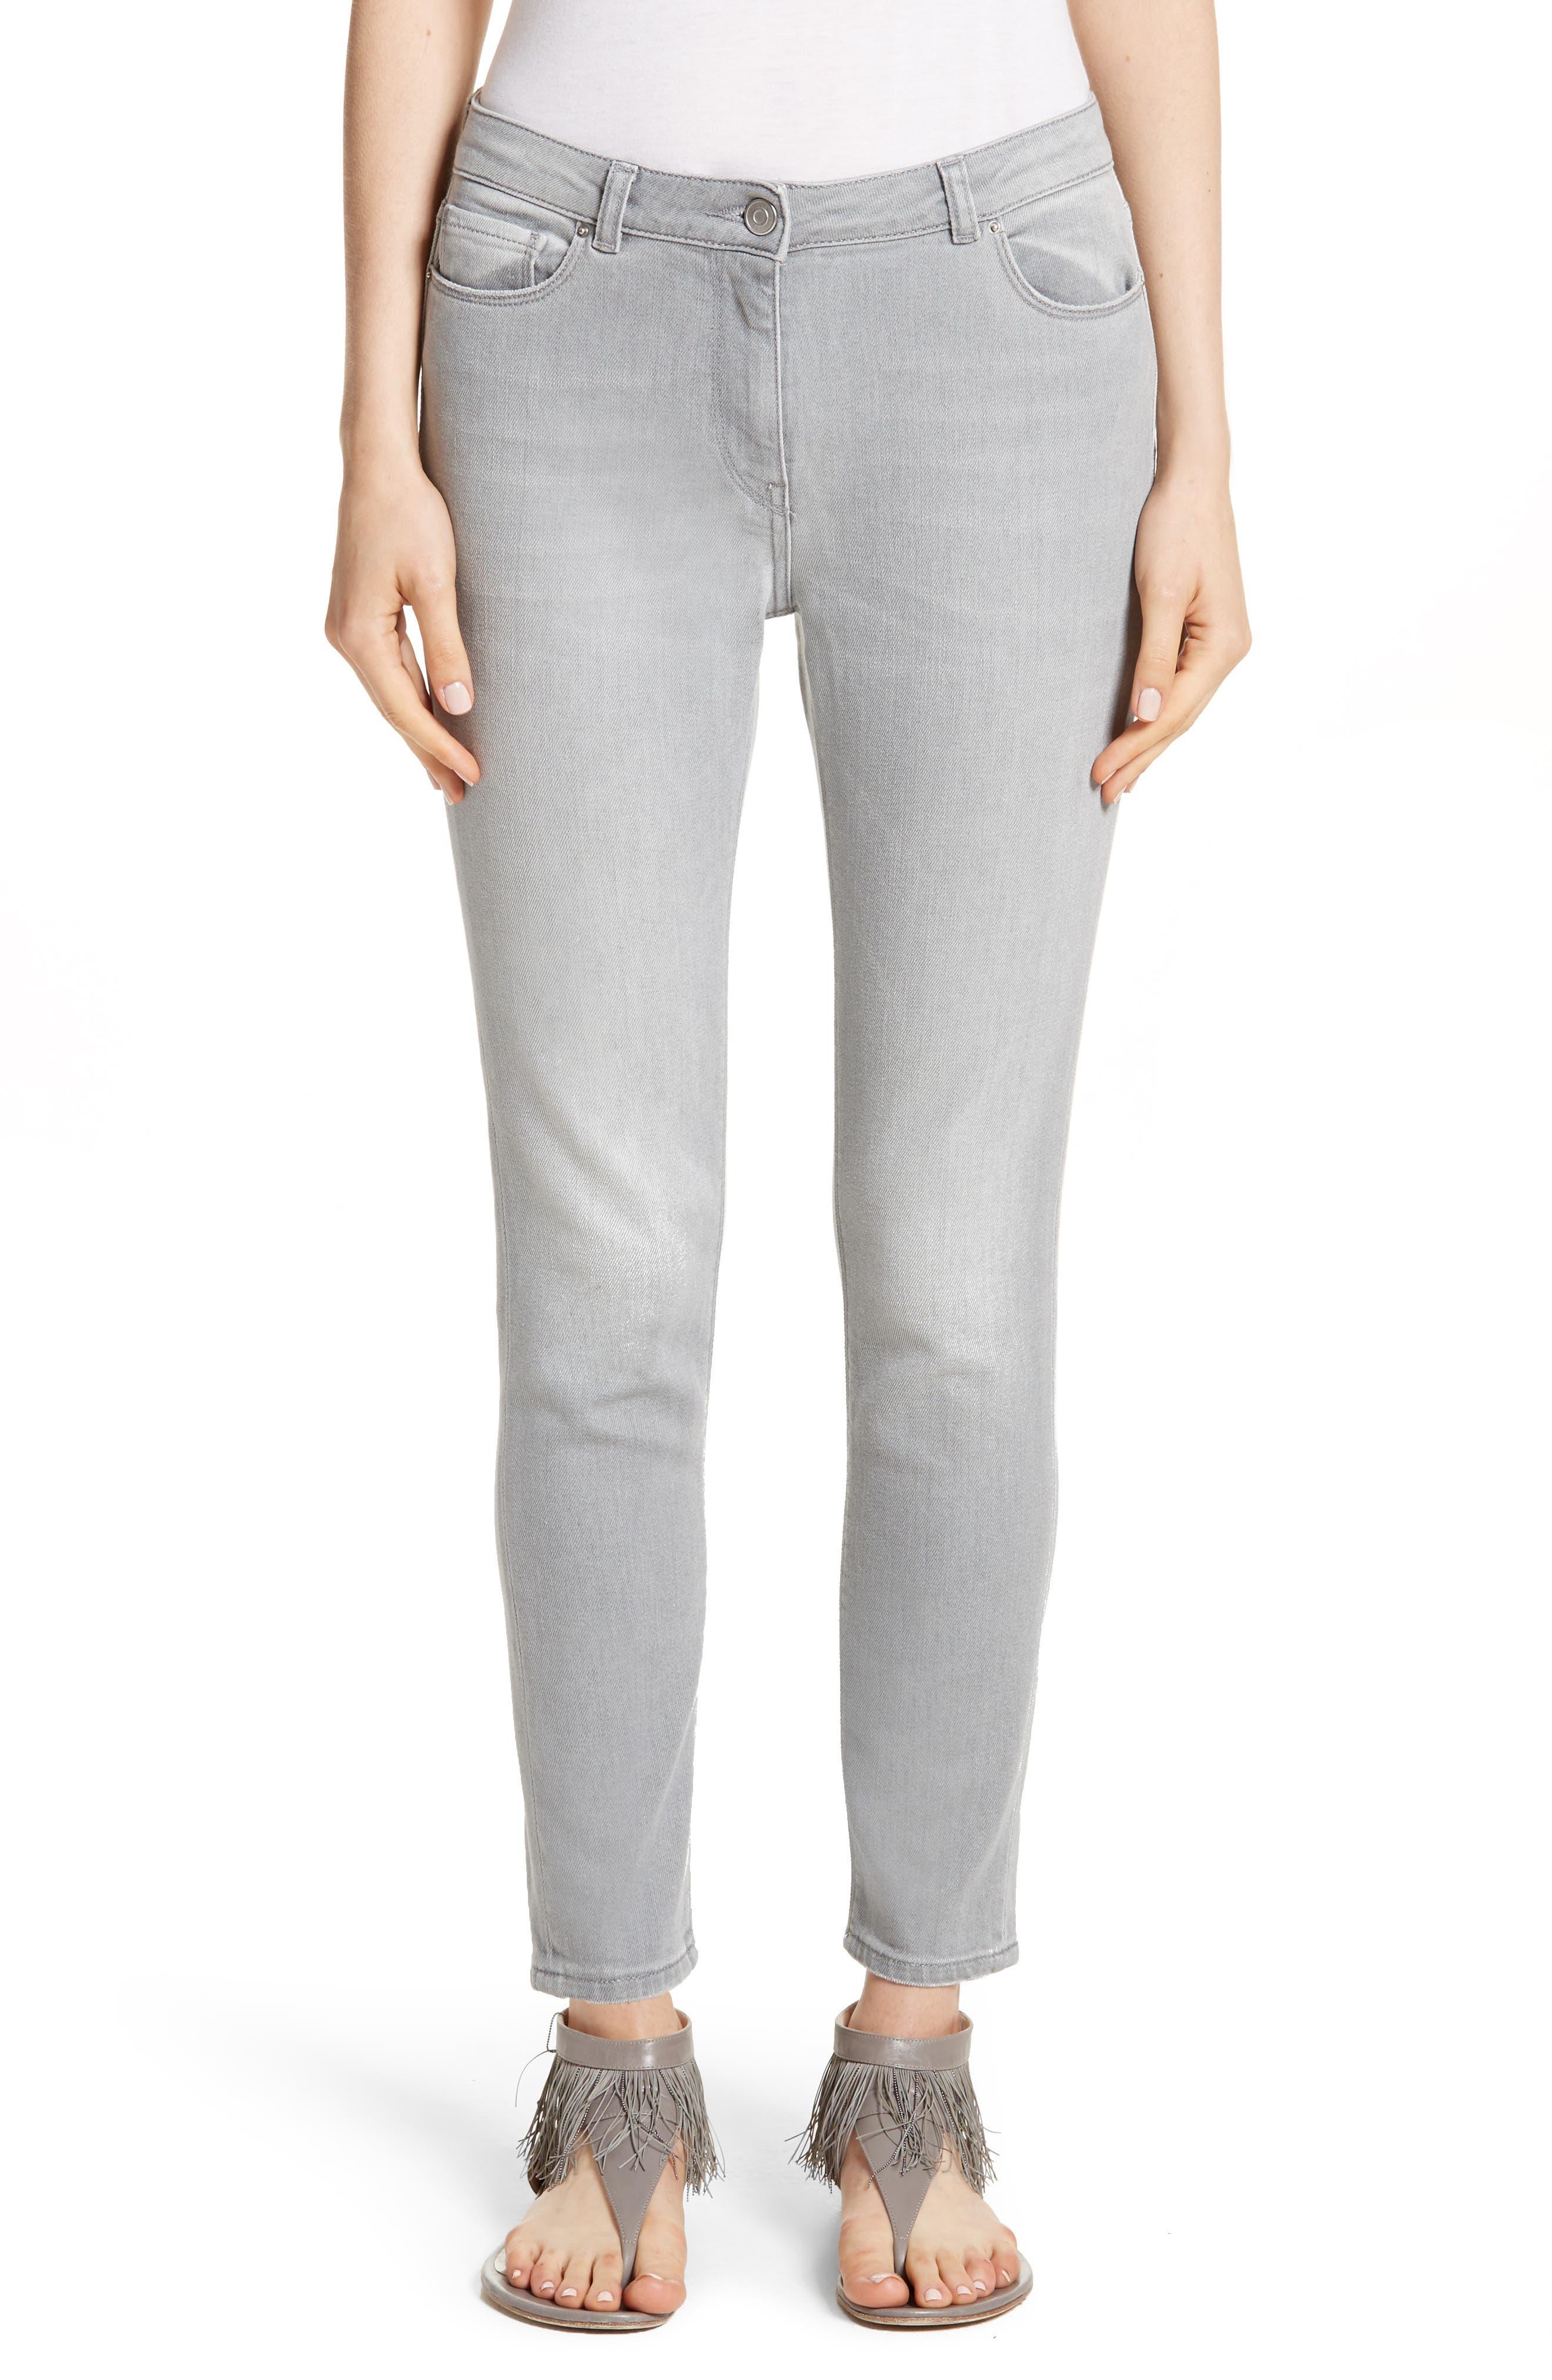 Fabiana Filippi Stretch Skinny Jeans